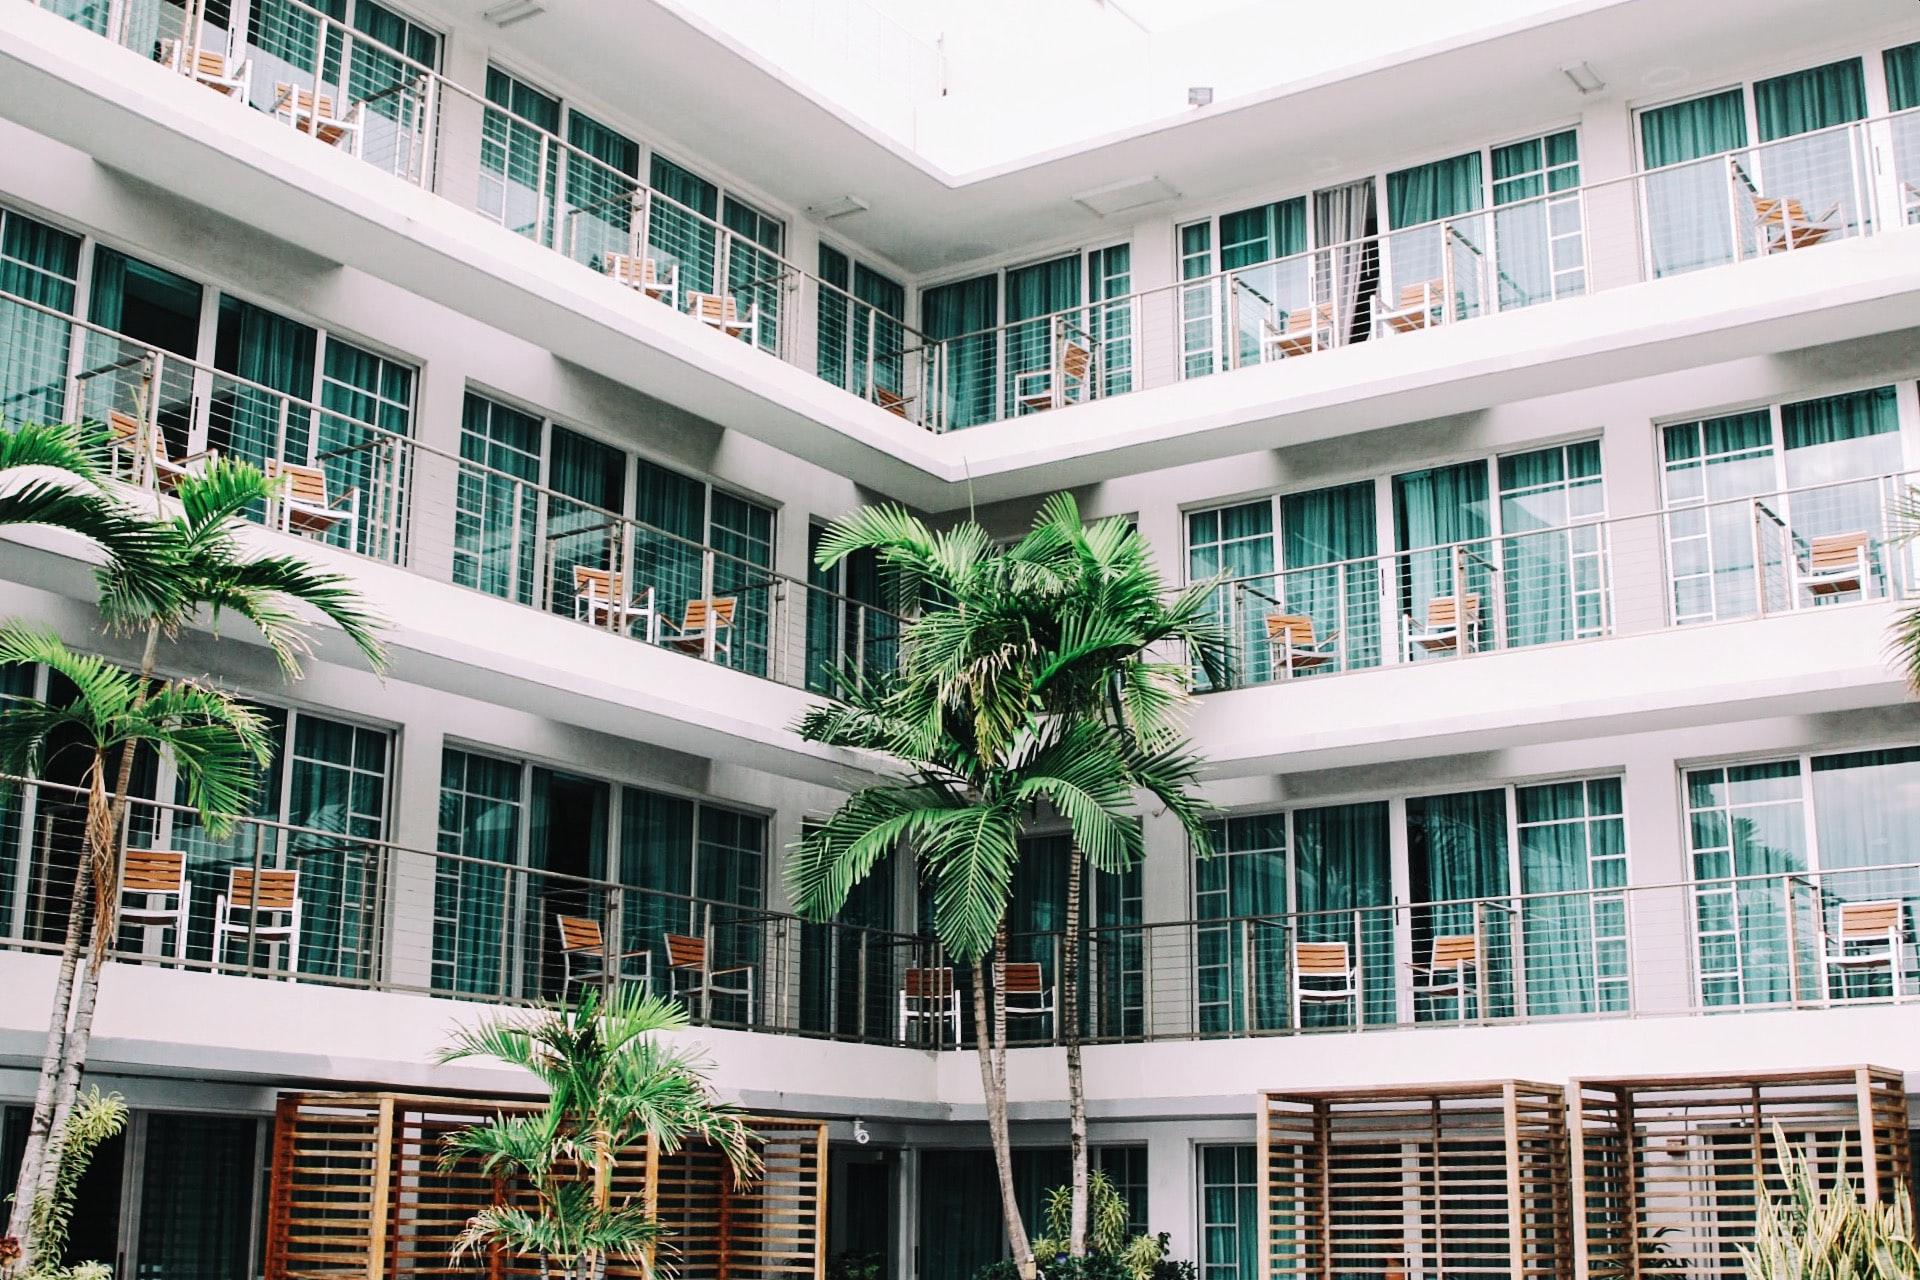 ESTRATEGIAS SOCIAL ADS DE ÉXITO PARA HOTELES